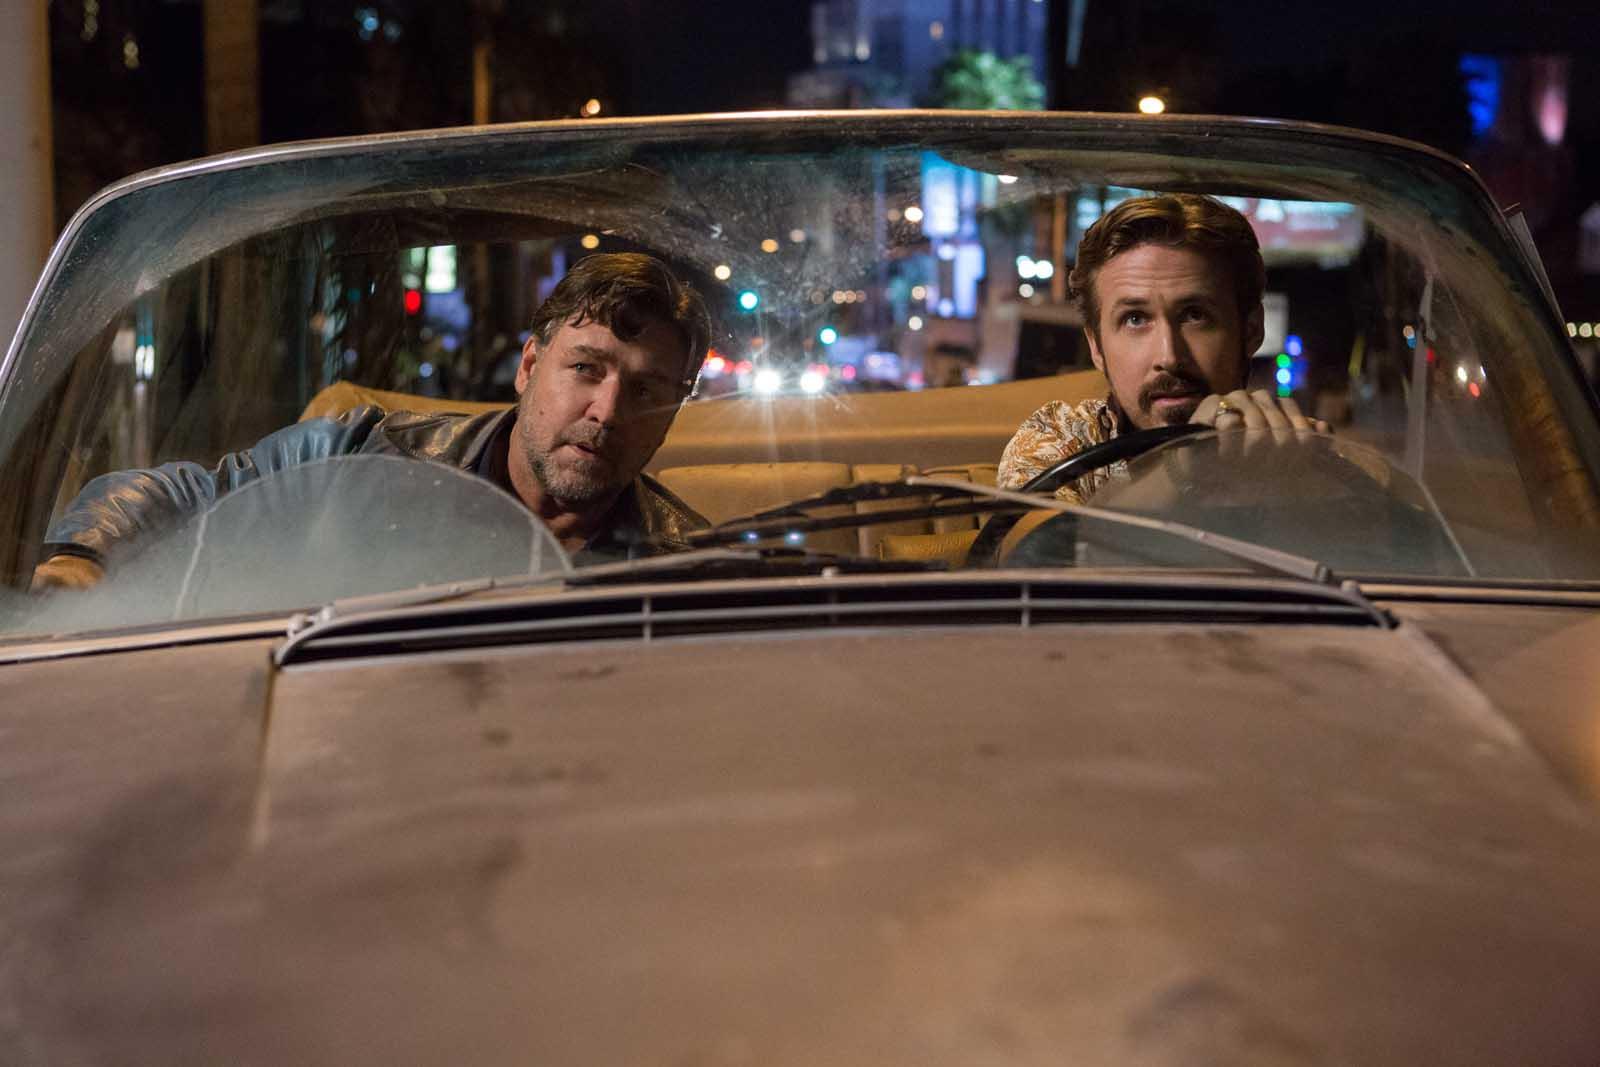 20 films en 20 jours en 1000 signes, ép. 6 : Shane Black & Quentin Dupieux